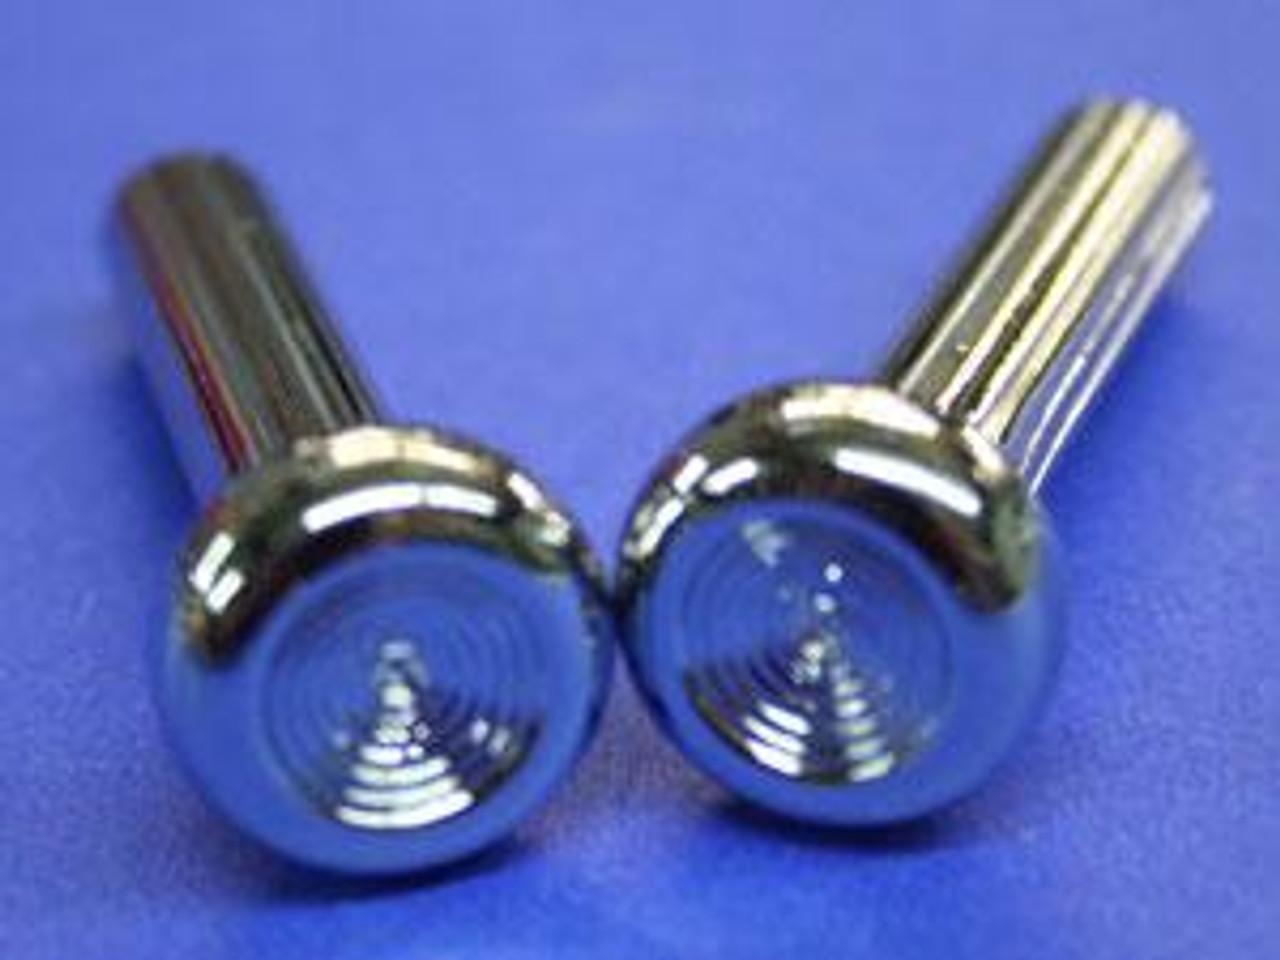 1968-72 Chevelle or EL Camino Door Lock Knobs pair (Chrome)